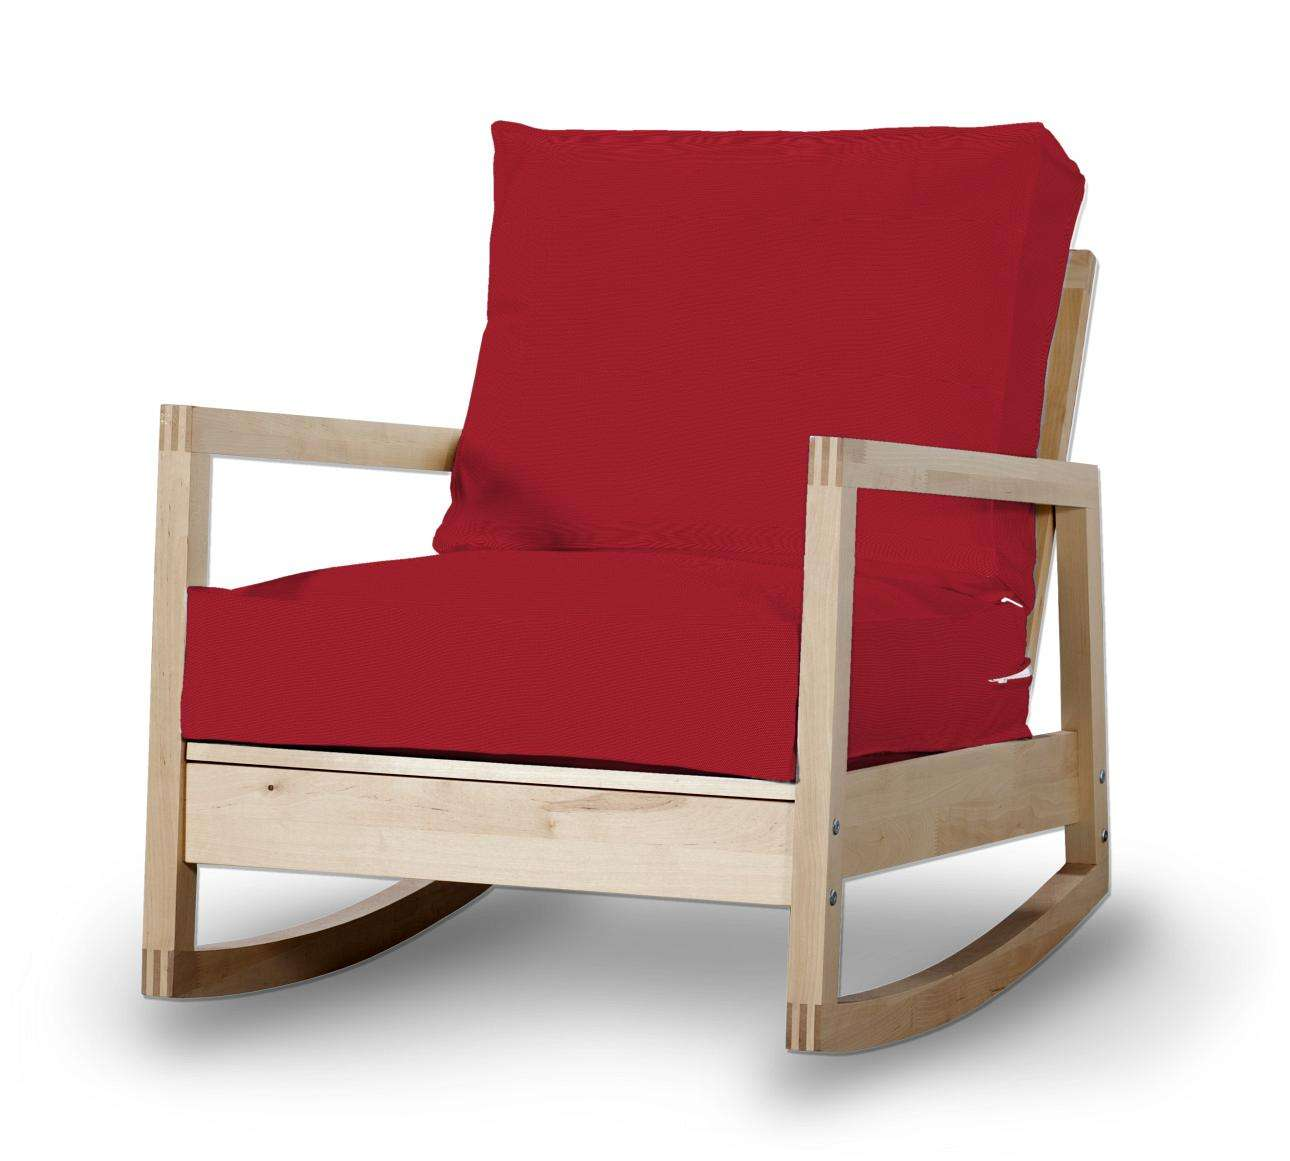 LILLBERG fotelio užvalkalas LILLBERG fotelio užvalkalas kolekcijoje Etna , audinys: 705-60